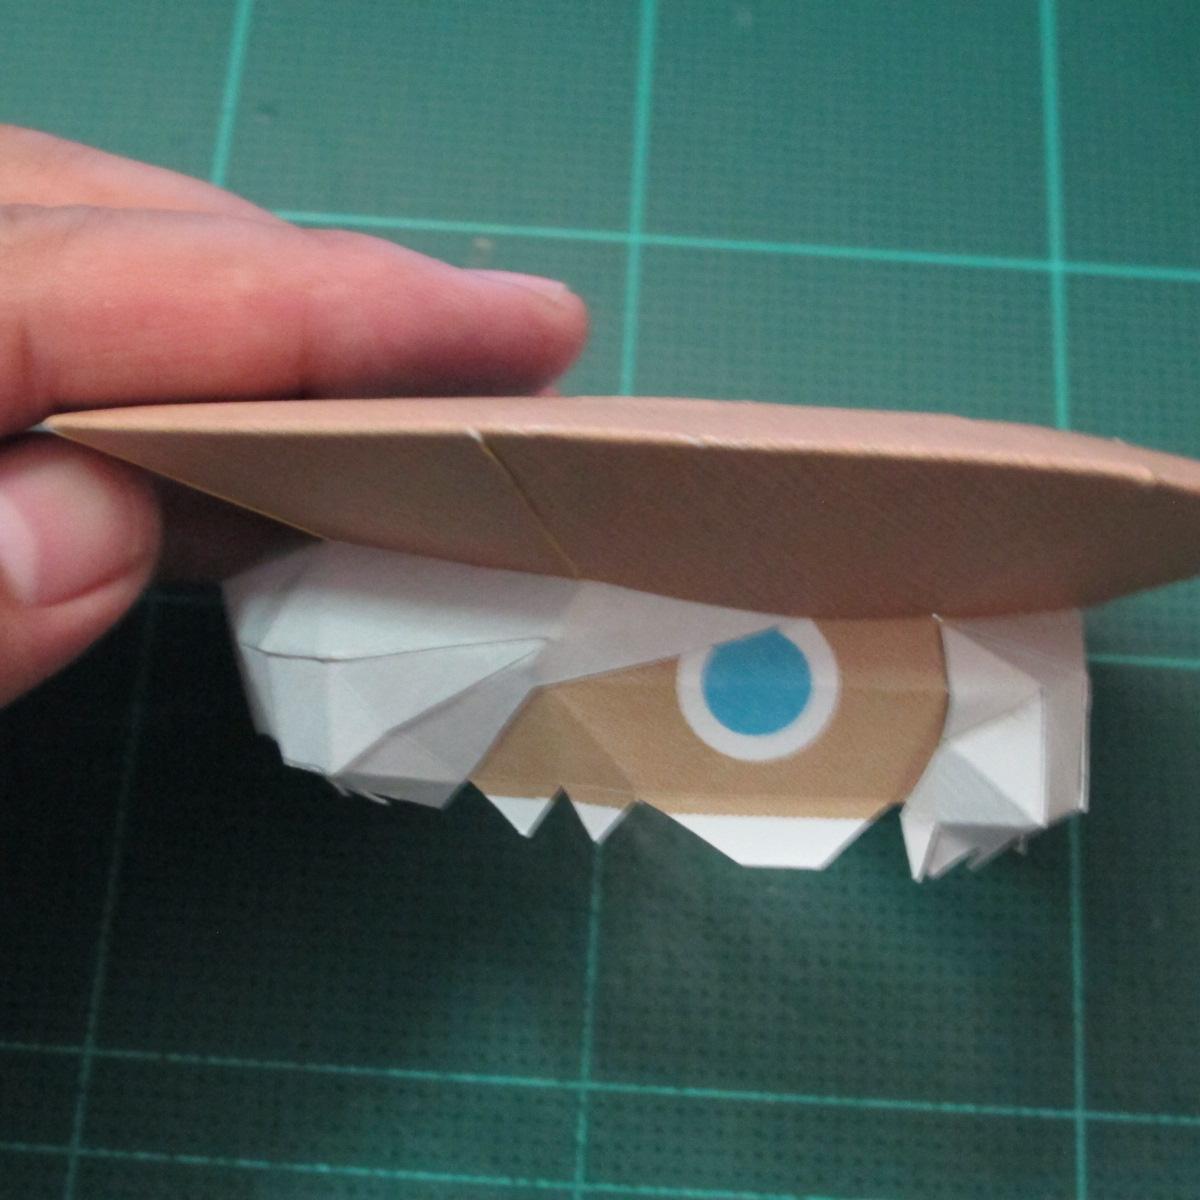 วิธีทำโมเดลกระดาษของเล่นคุกกี้รัน คุกกี้รสพ่อมด (Cookie Run Wizard Cookie Papercraft Model) 045